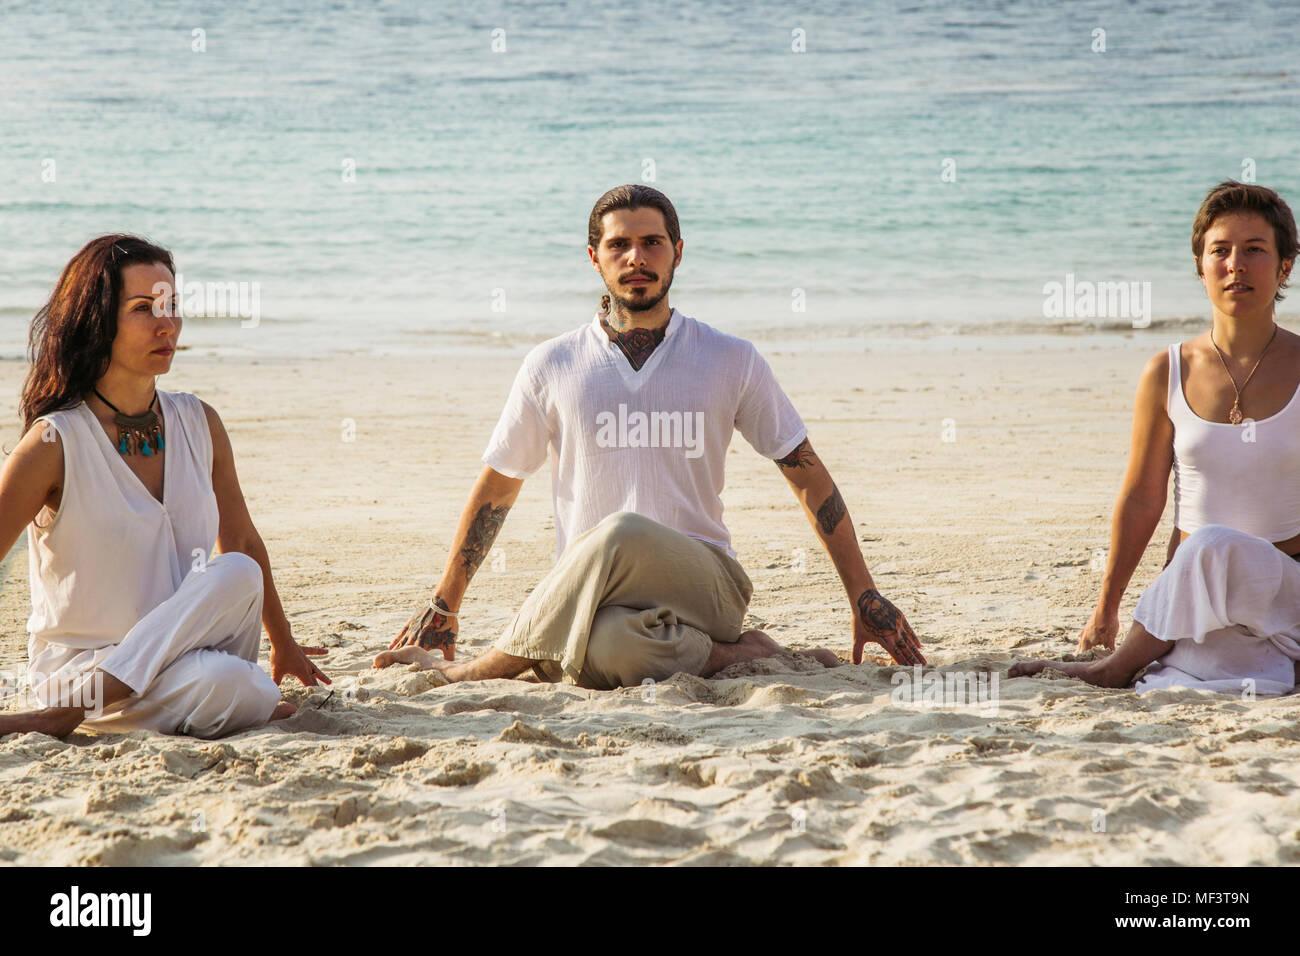 Thailandia Koh Phangan, tre persone fare yoga su una spiaggia Immagini Stock